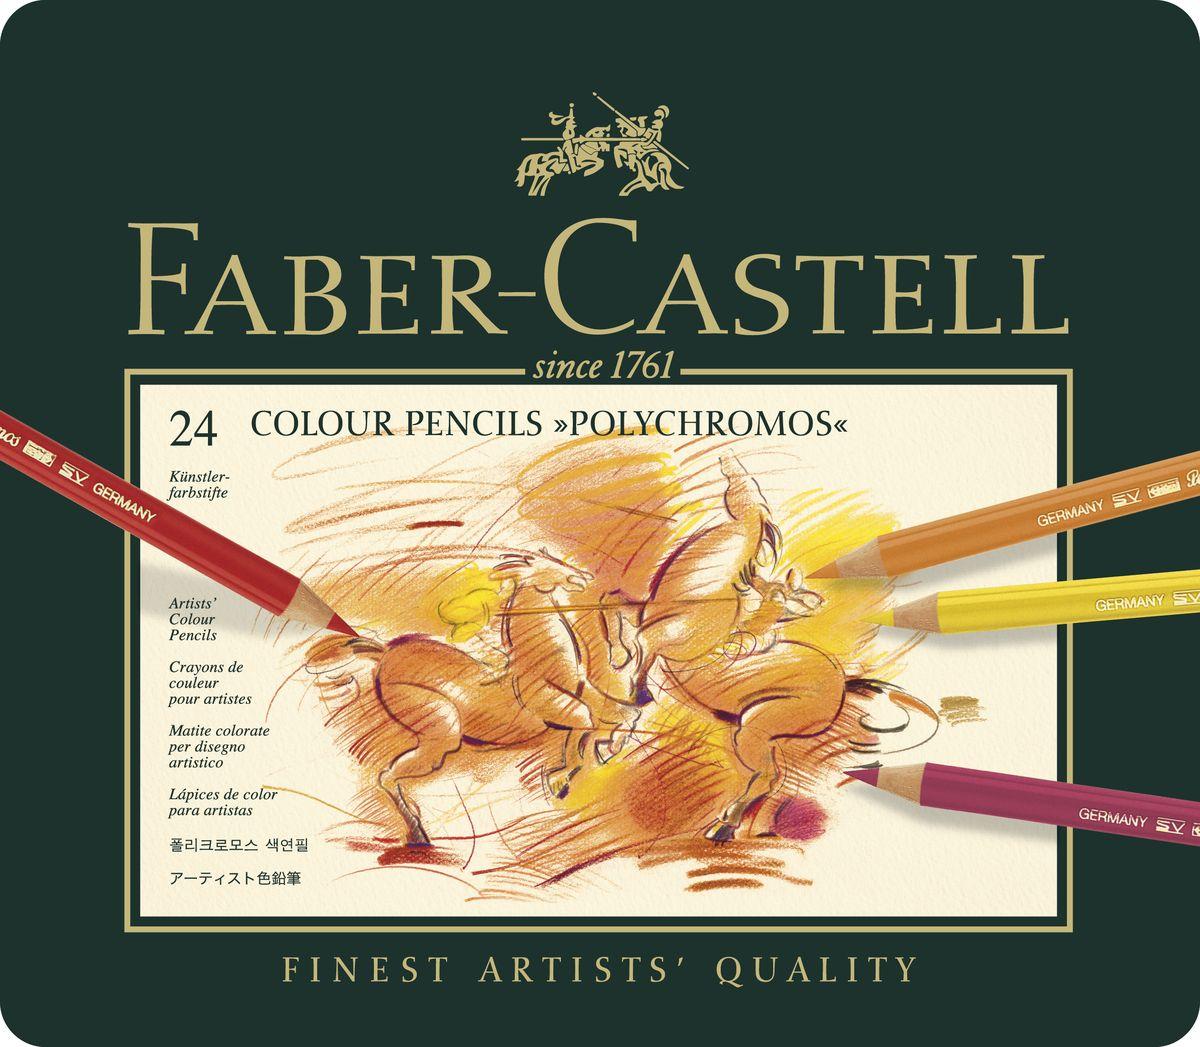 Faber-Castell Цветные карандаши Polychromos 24 цвета110024Цветные карандаши Faber-Castell Polychromos станут незаменимым инструментом для начинающих ипрофессиональныххудожников. В набор входят 24 карандаша разных цветов. Особенности карандашей:высокое содержание очень качественных пигментов гарантирует устойчивость к воздействию света и интенсивность;грифель толщиной 3,8 мм; гладкий грифель на основе воска водоустойчив, не размазывается.Набор цветных карандашей - это практичный художественный инструмент, который поможет вам в создании самыхвыразительных произведений. Карандаши упакованы в металлический пенал, благодаря чему их удобно хранить.